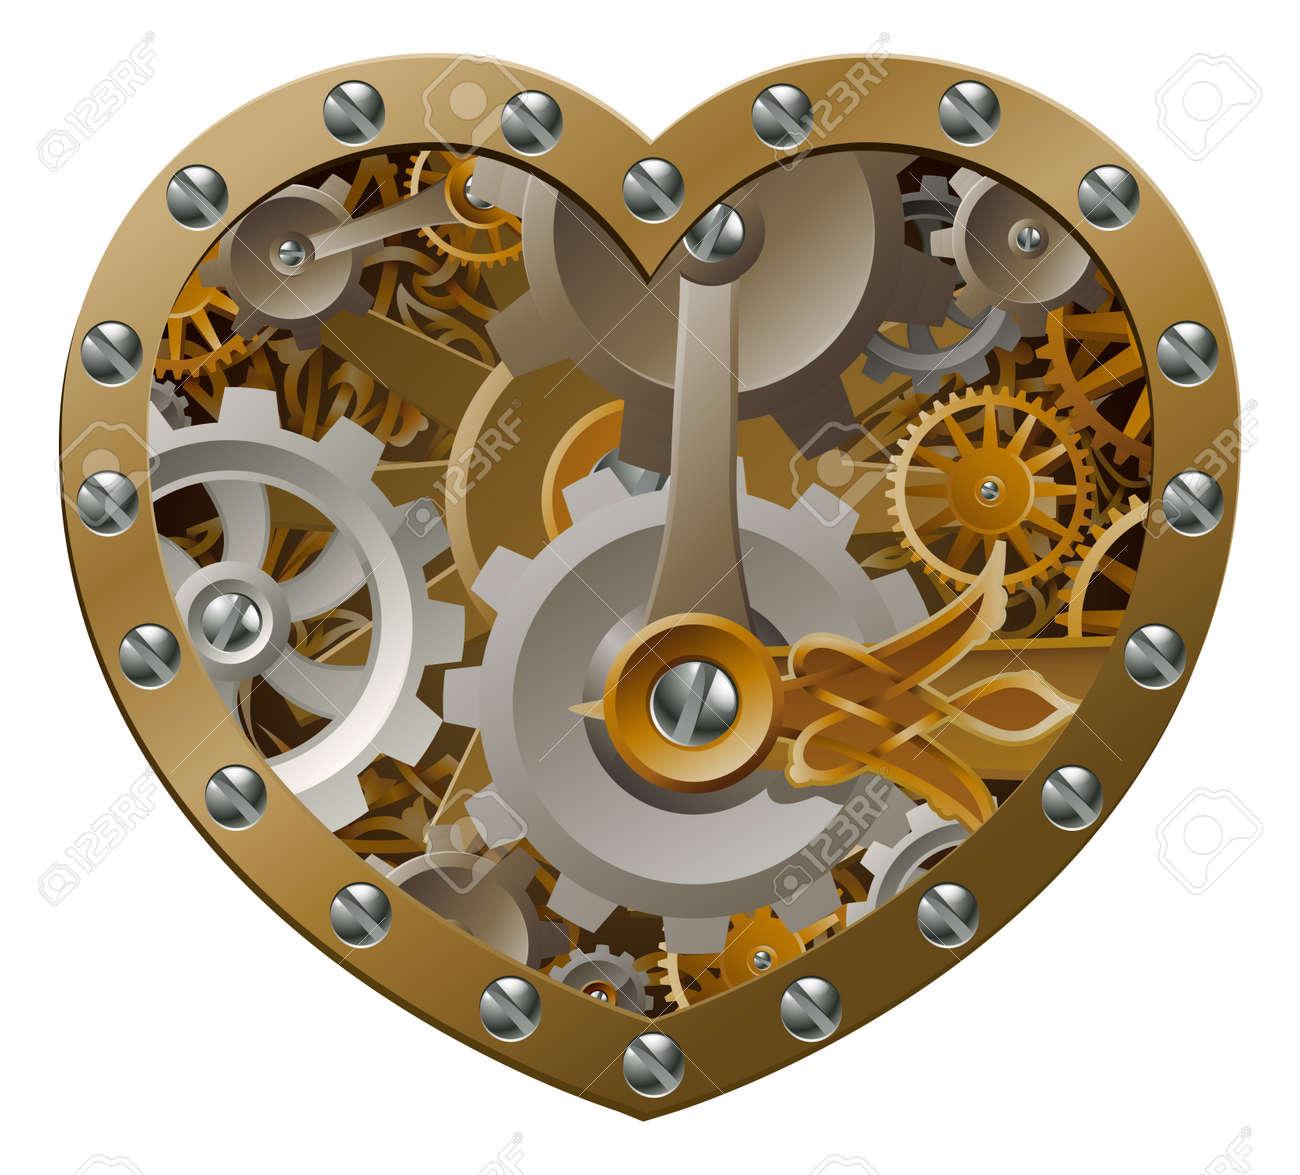 Engranajes Reloj Con Steampunk Concepto Forma Y Corazón De Hecha hdsQrt